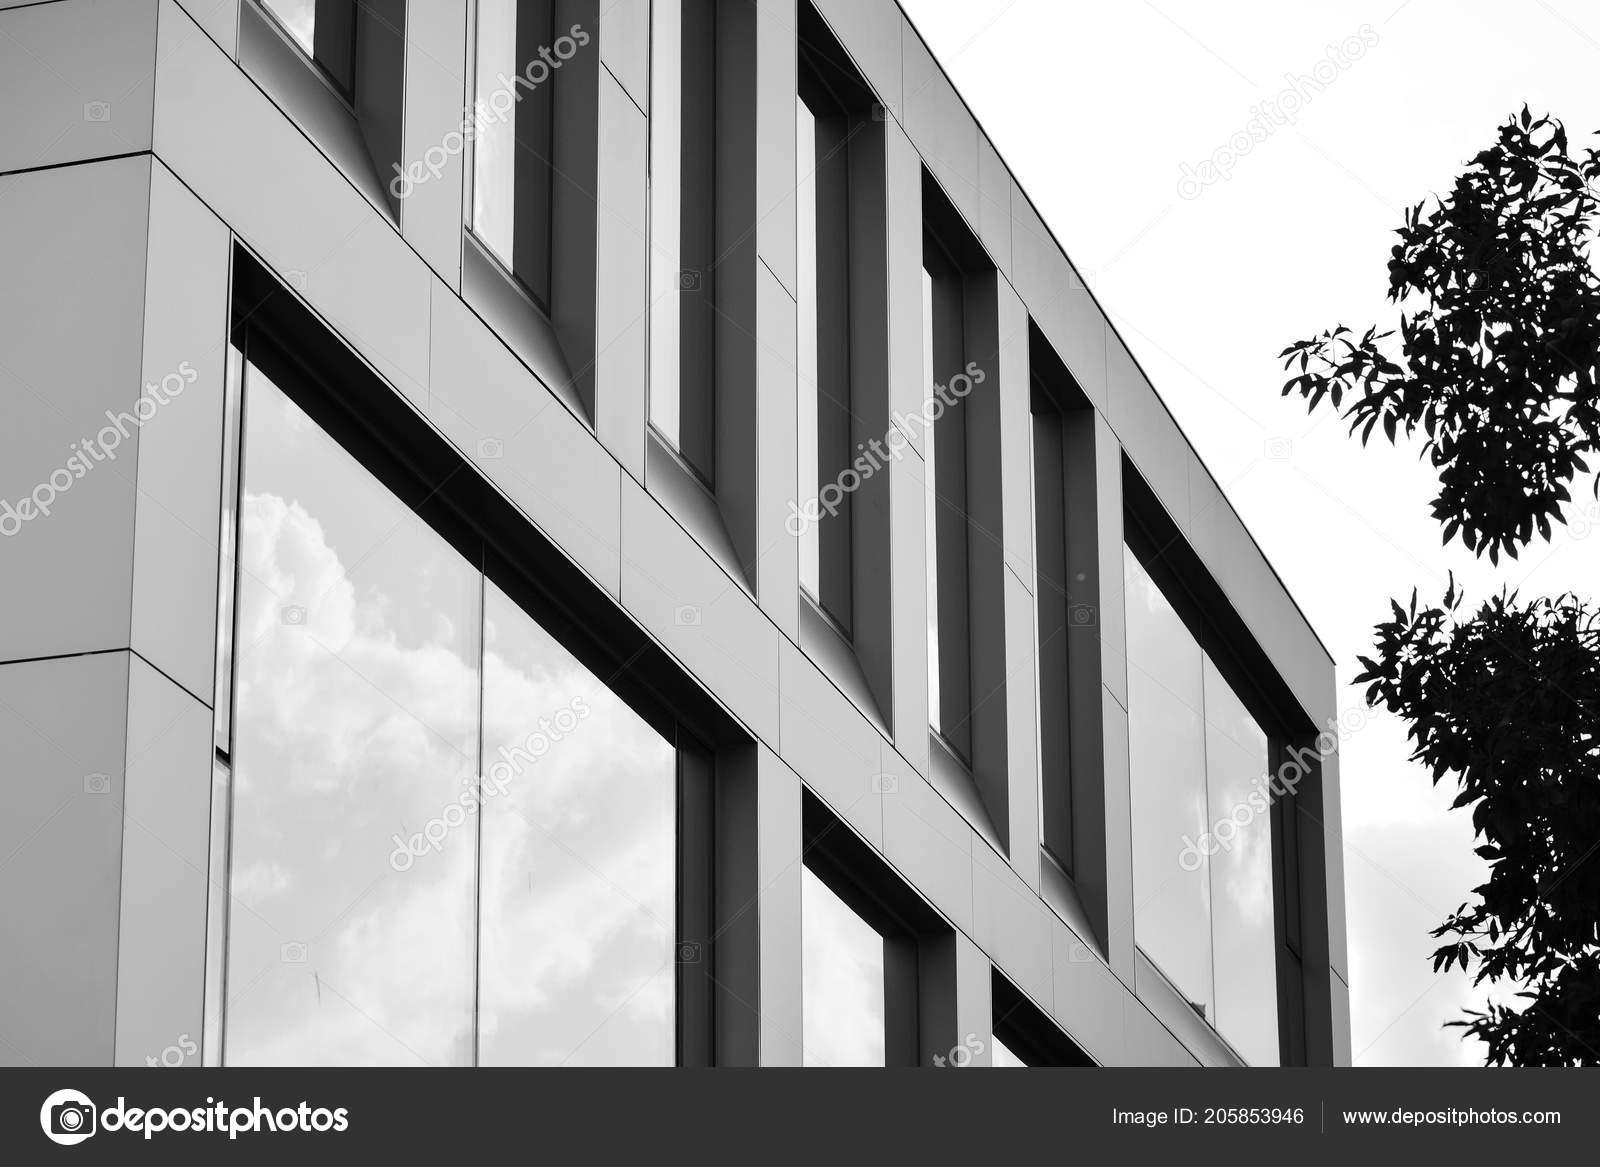 Intérieur de bureaux moderne avec mur de verre rendu d banque d